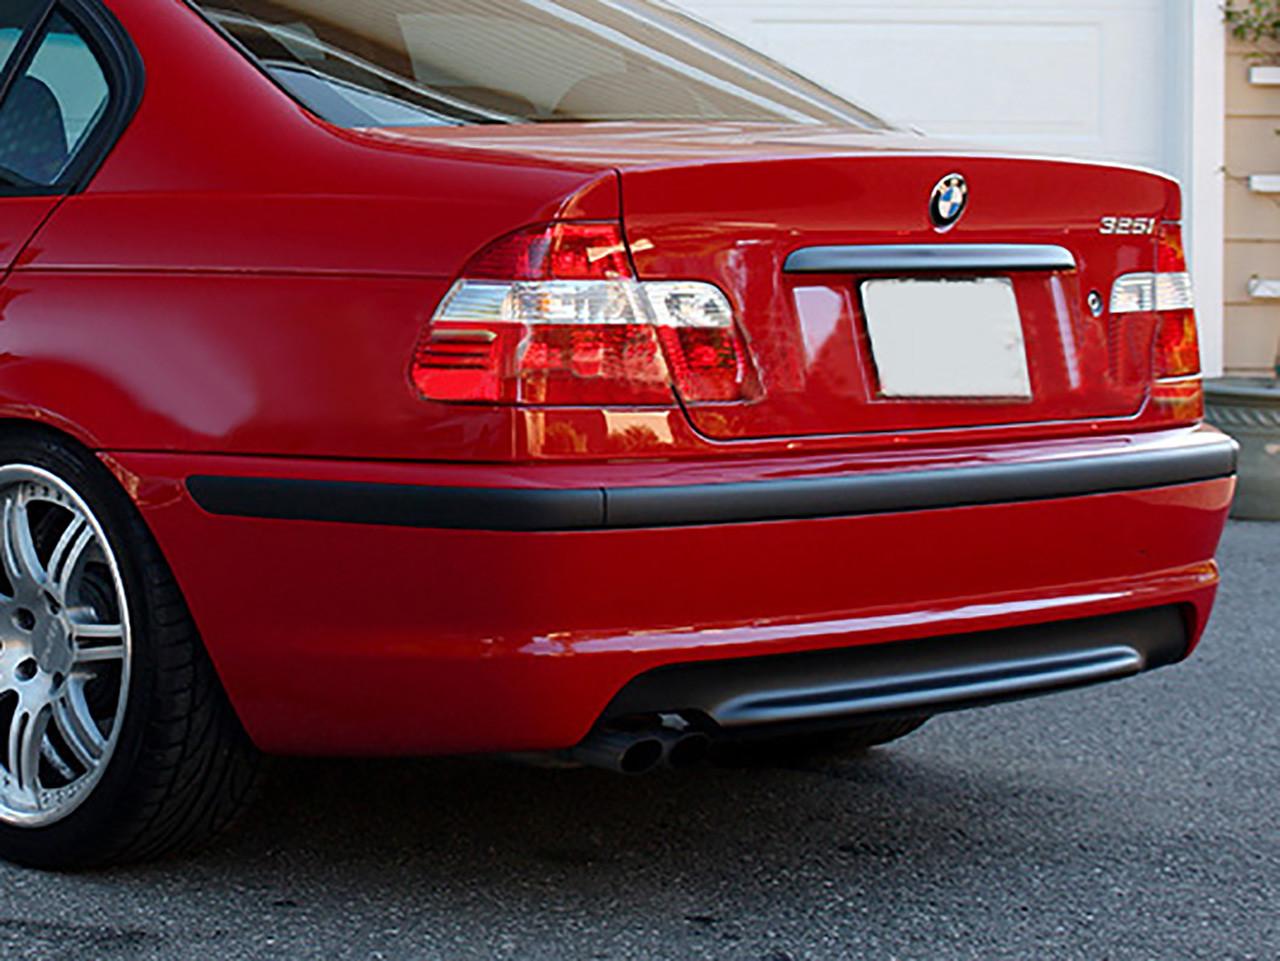 Bara spate BMW Seria 3 E46 Limousine (98-05) M-Tech Design fara PDC